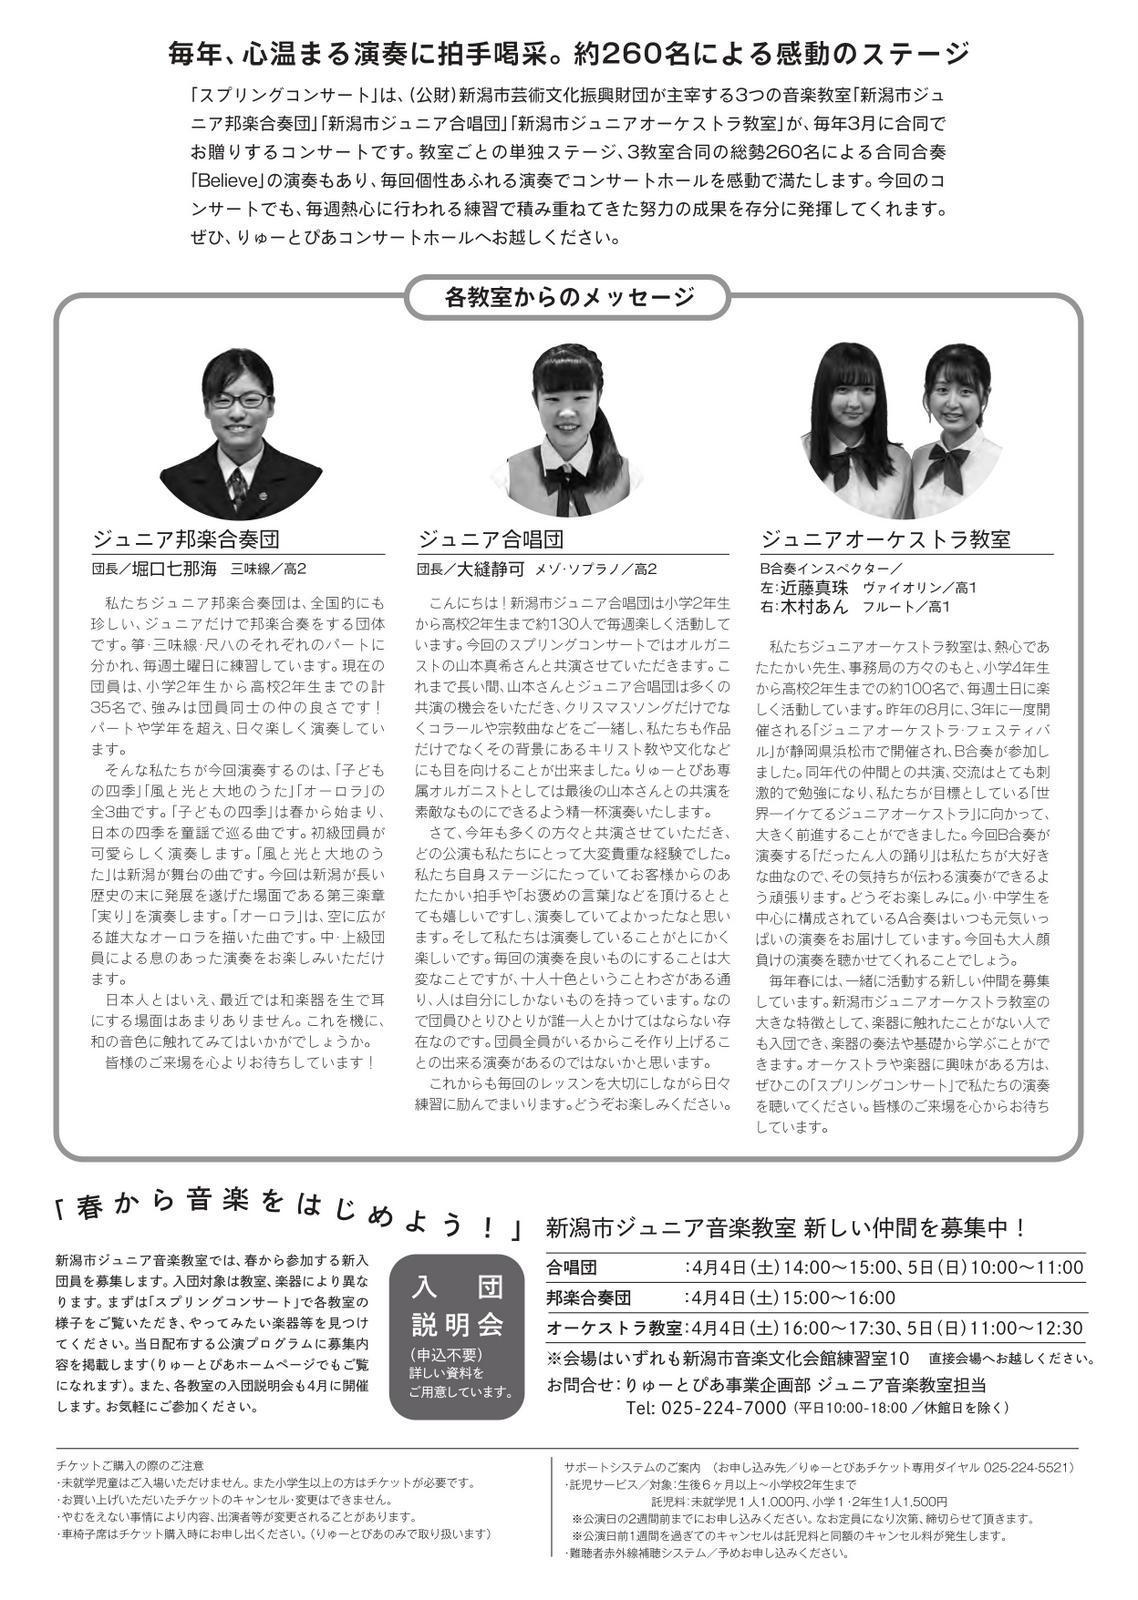 新潟ジュニアオーケストラさん、今年の曲目もすごい。_e0046190_18135930.jpg